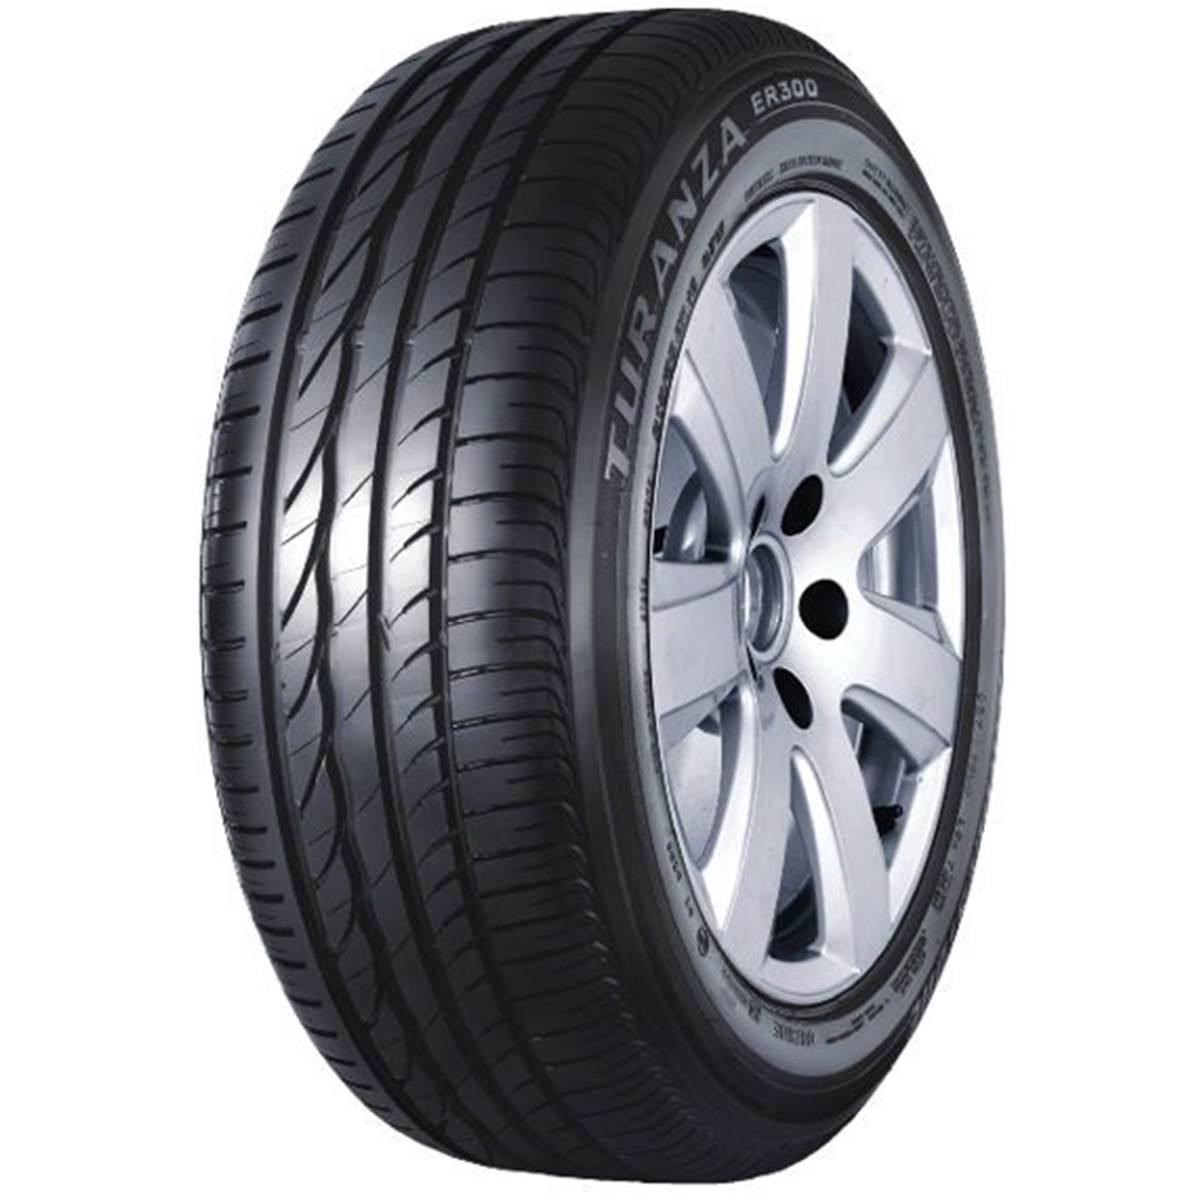 Pneu Bridgestone 195/60R16 89V Turanza Er300